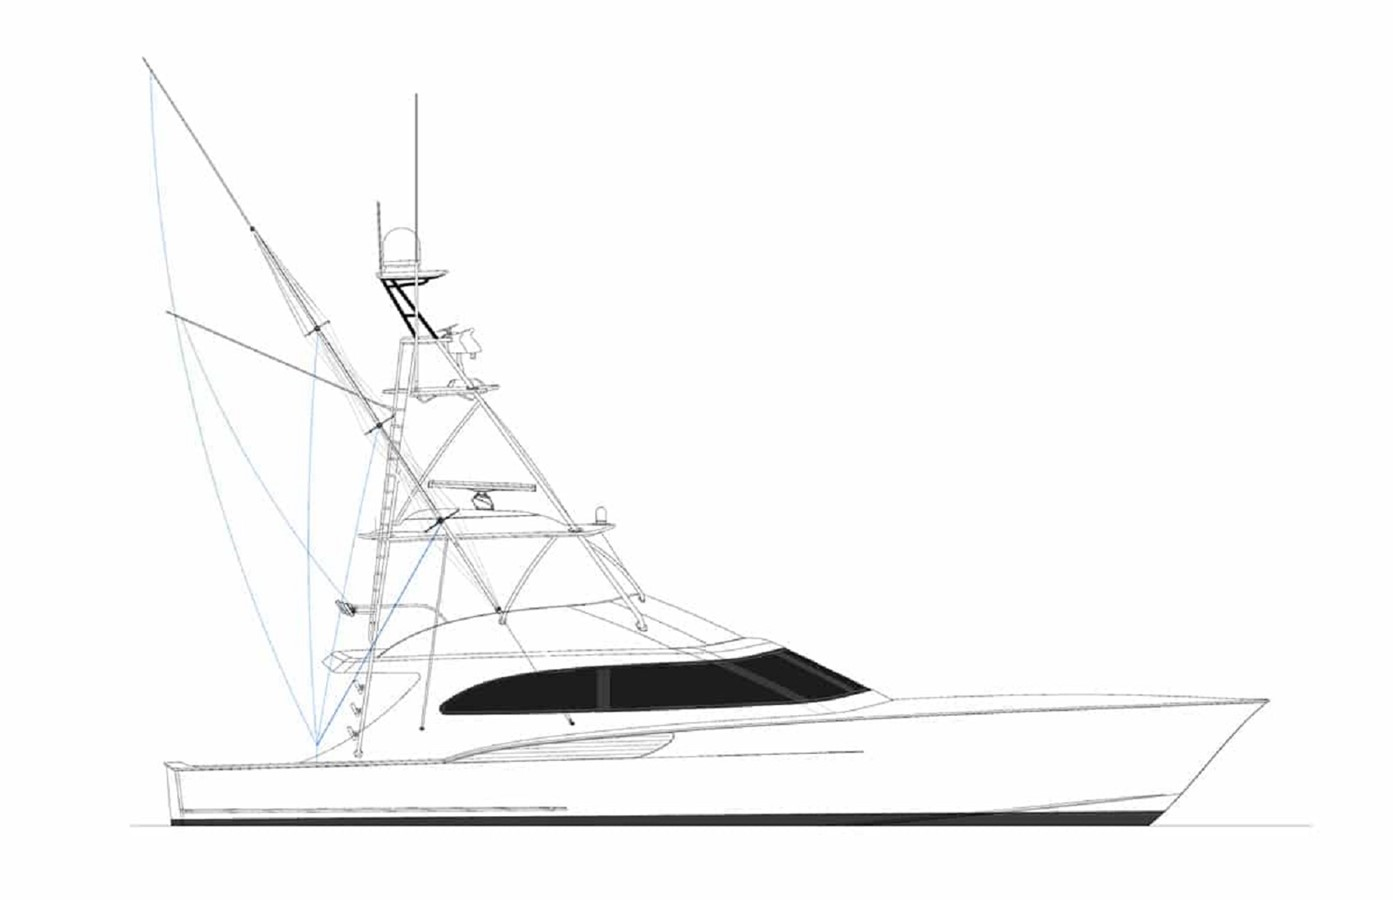 JBBW Hull 65 Under Construction - 64 JARRETT BAY For Sale